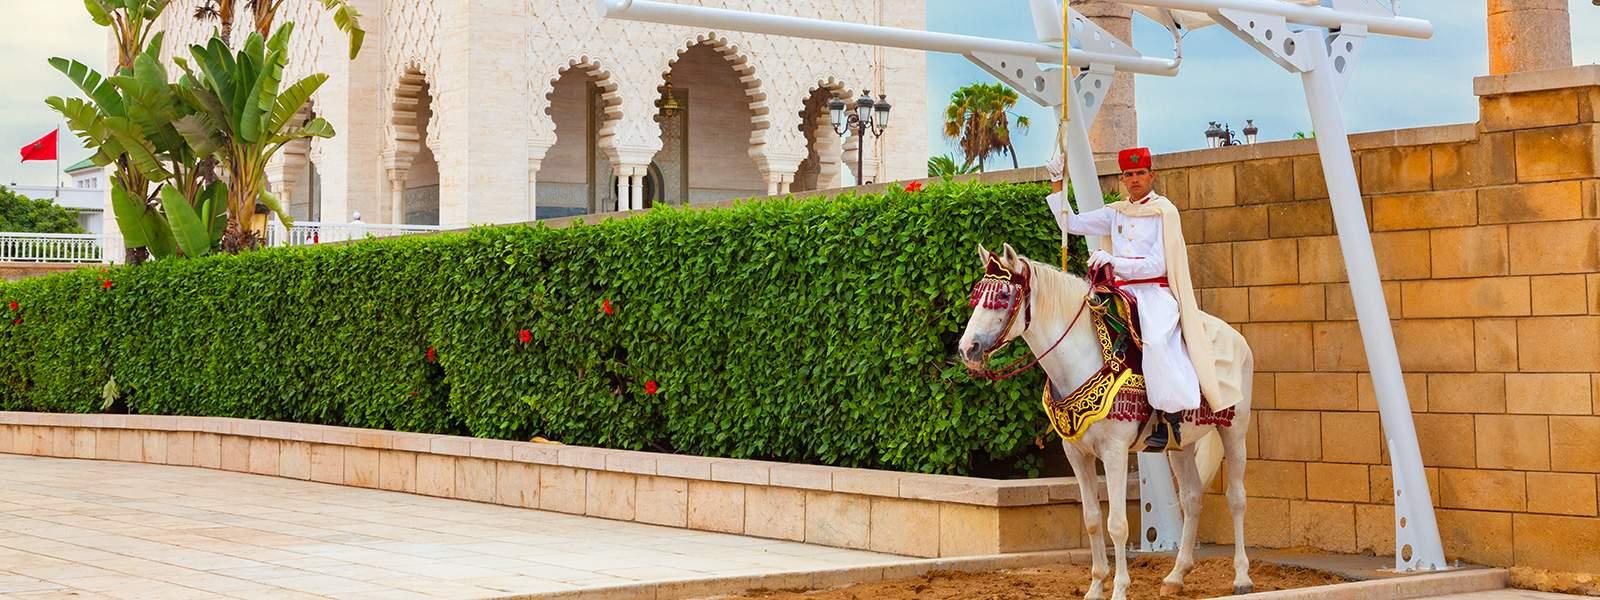 Marokko: Rabat